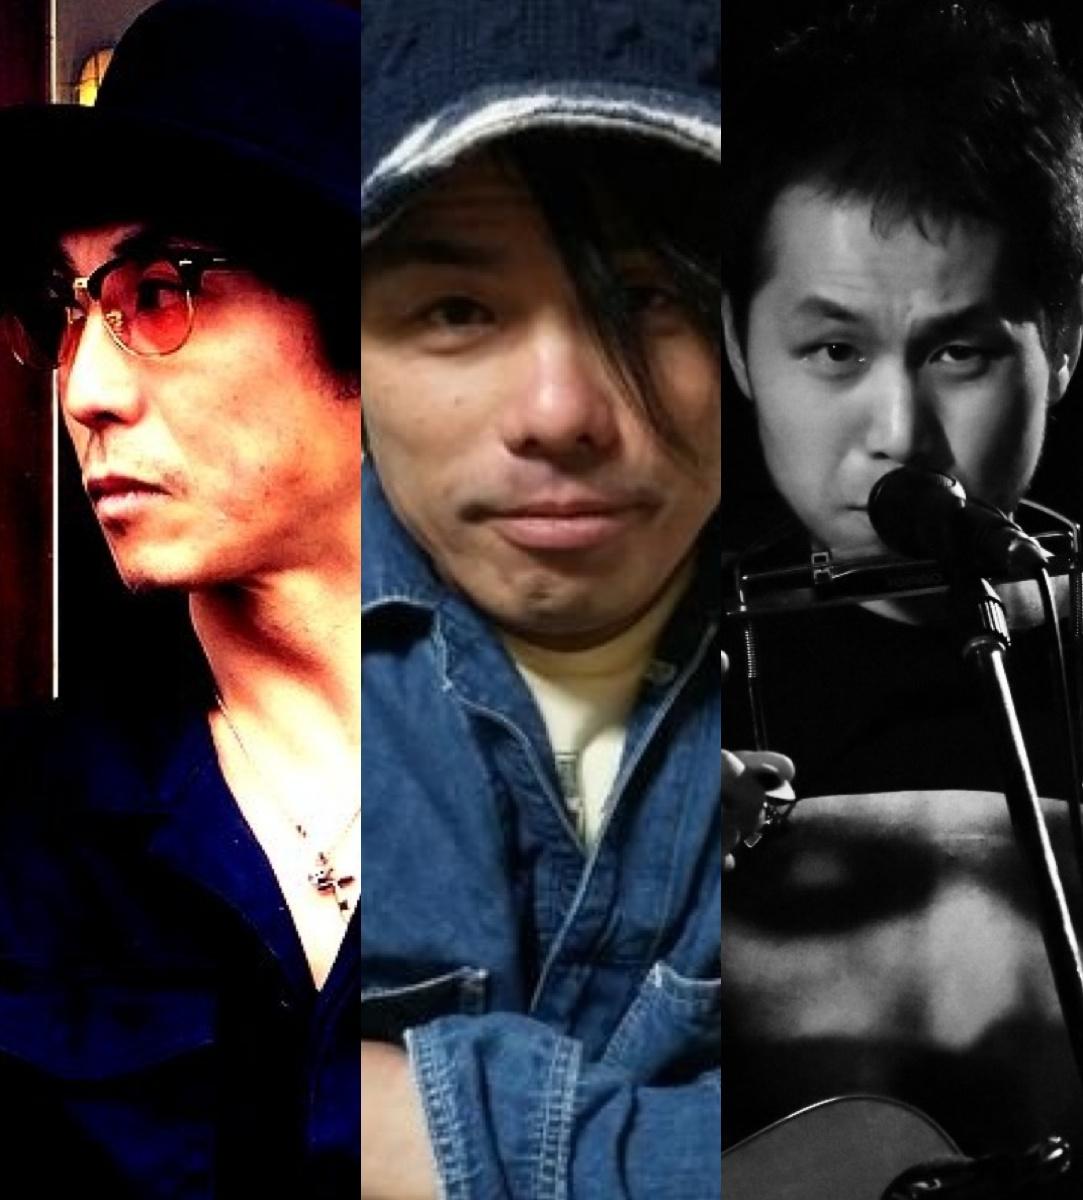 [無観客配信]『この世は、すべてが舞台~All the world's a stage~』出演:岩田亮 / ピース / 野口明伸